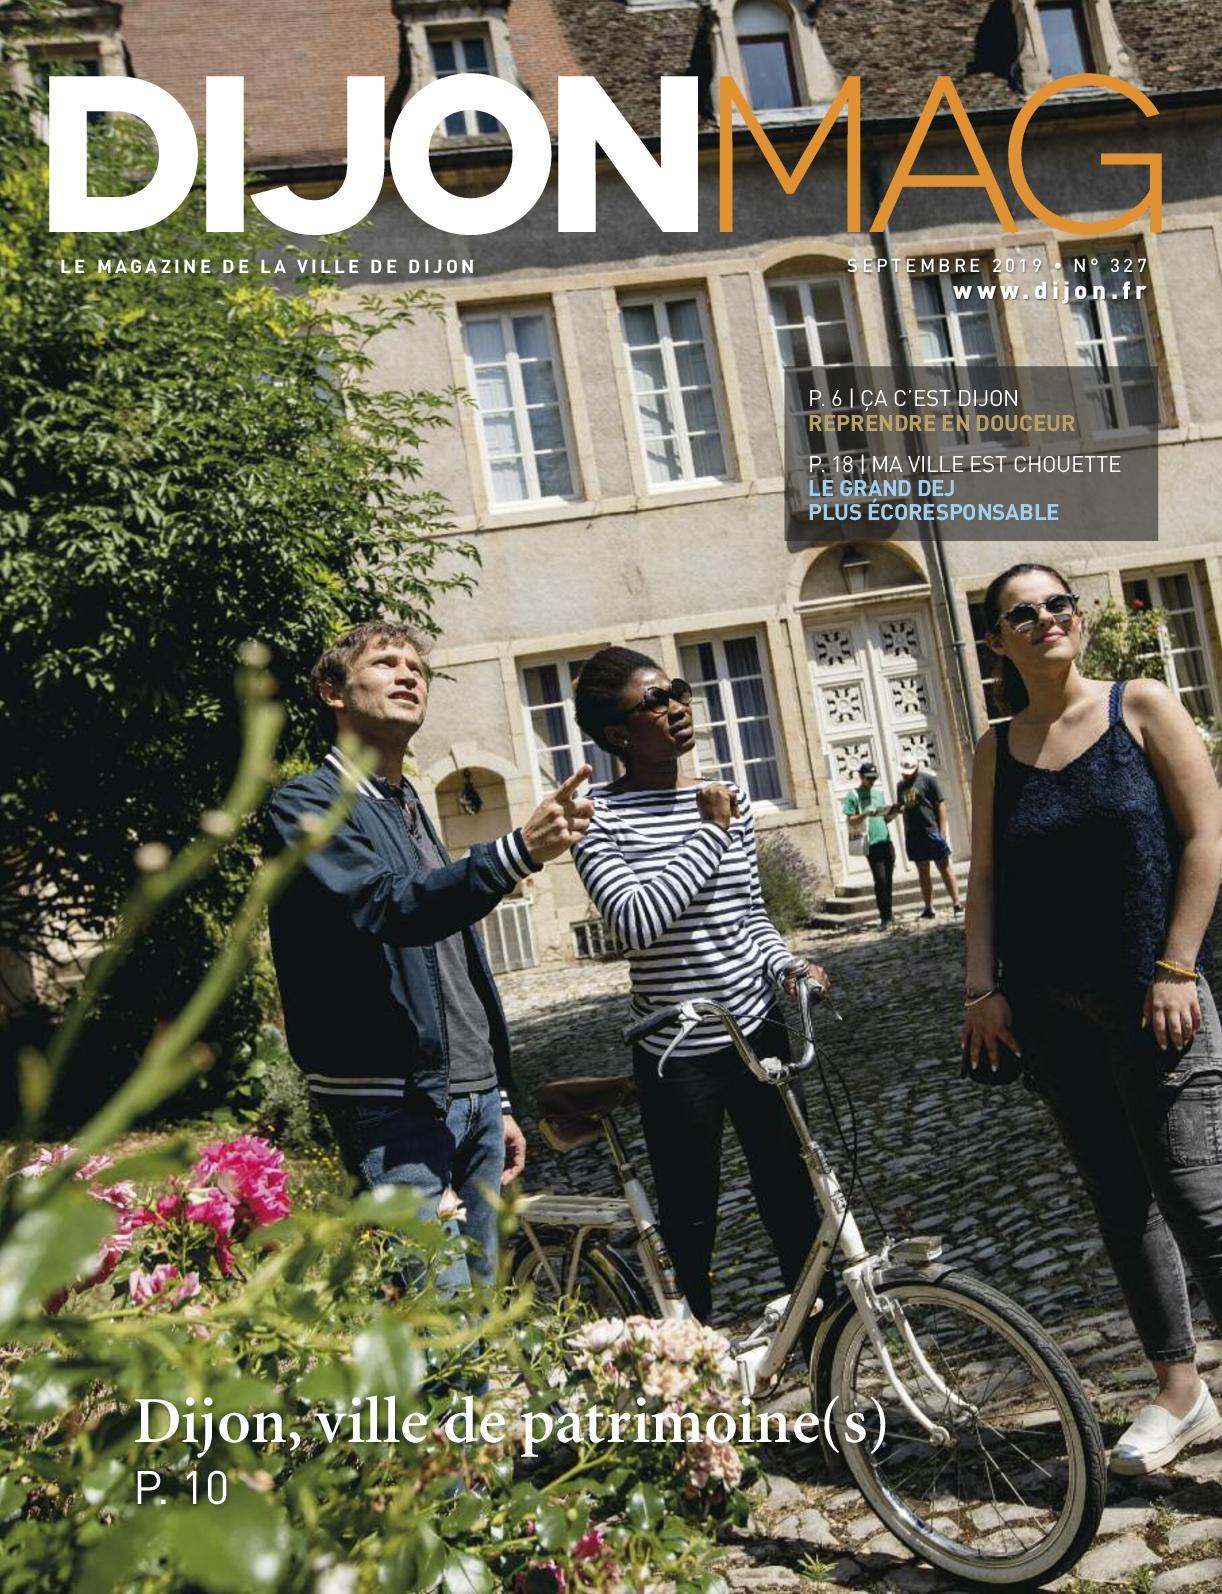 37 Quai Gauthey Dijon calaméo - dijon mag 327 sept